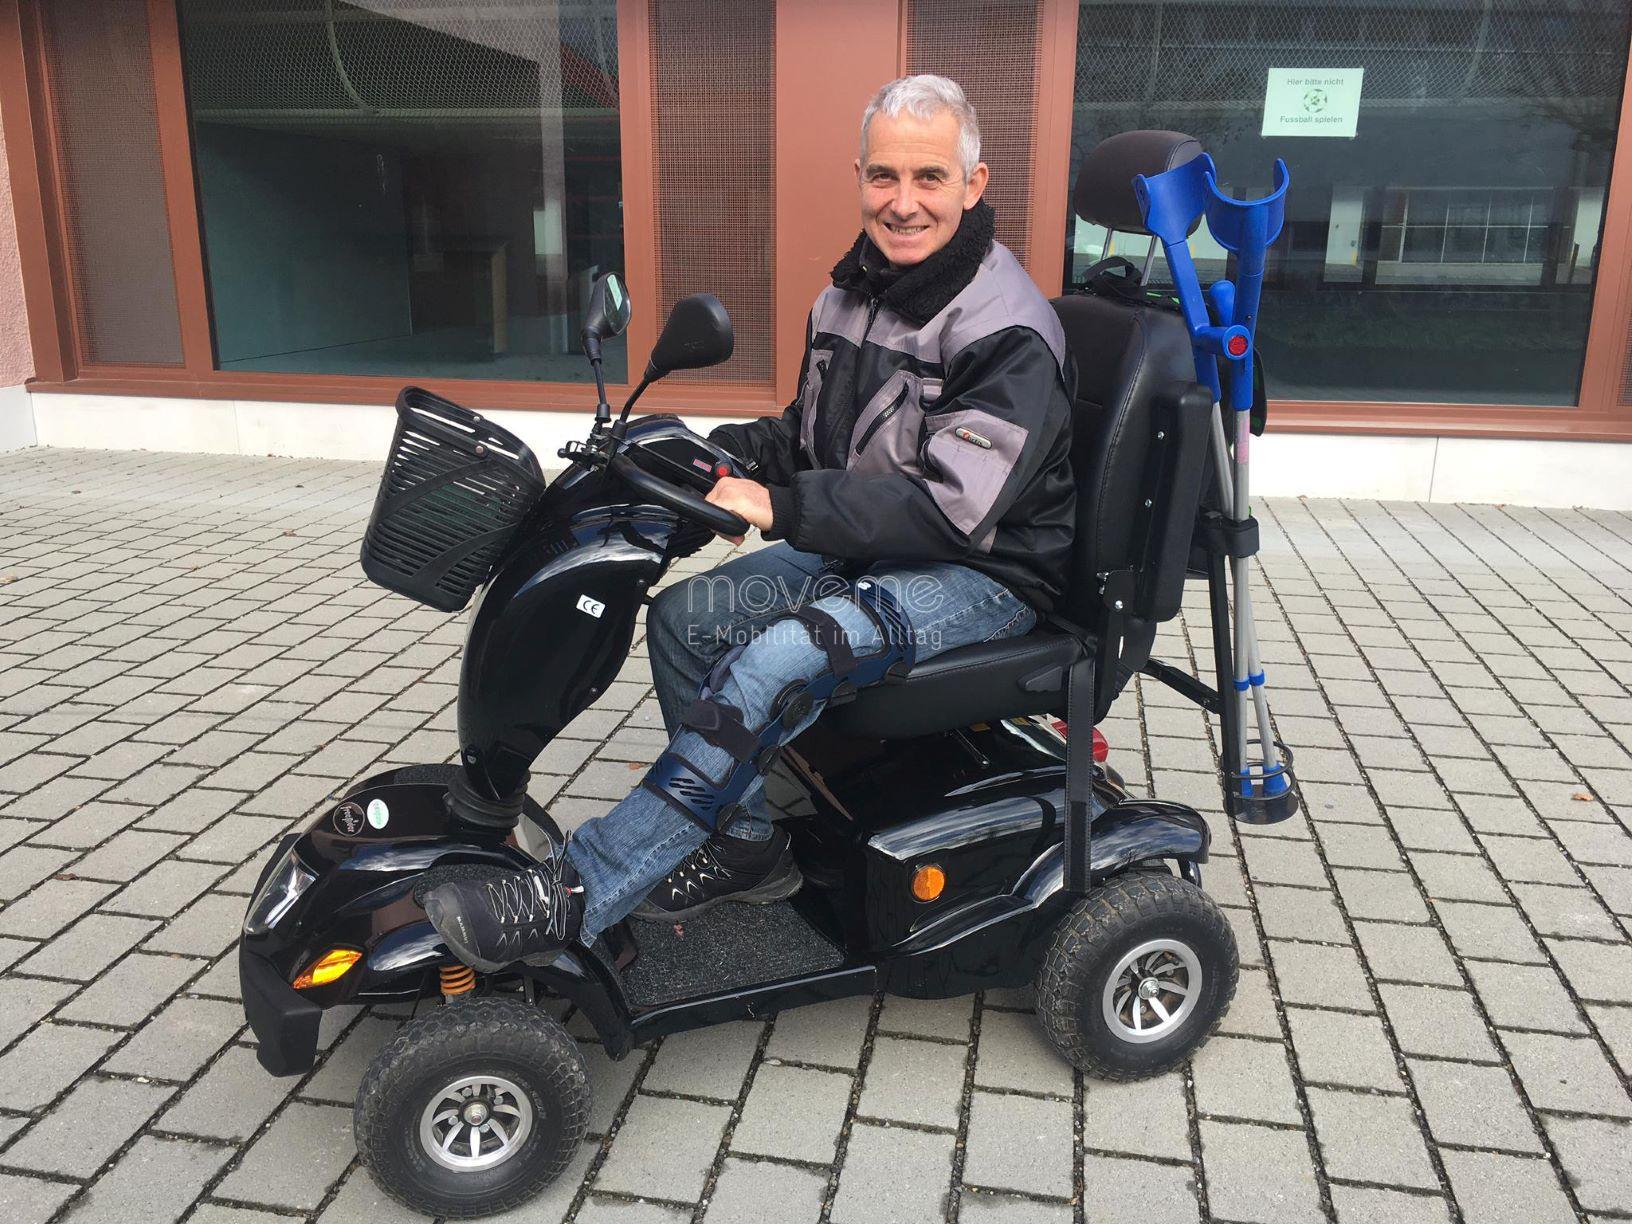 Elektromobil move Highlander - das geländetaugliche Seniorenmobil